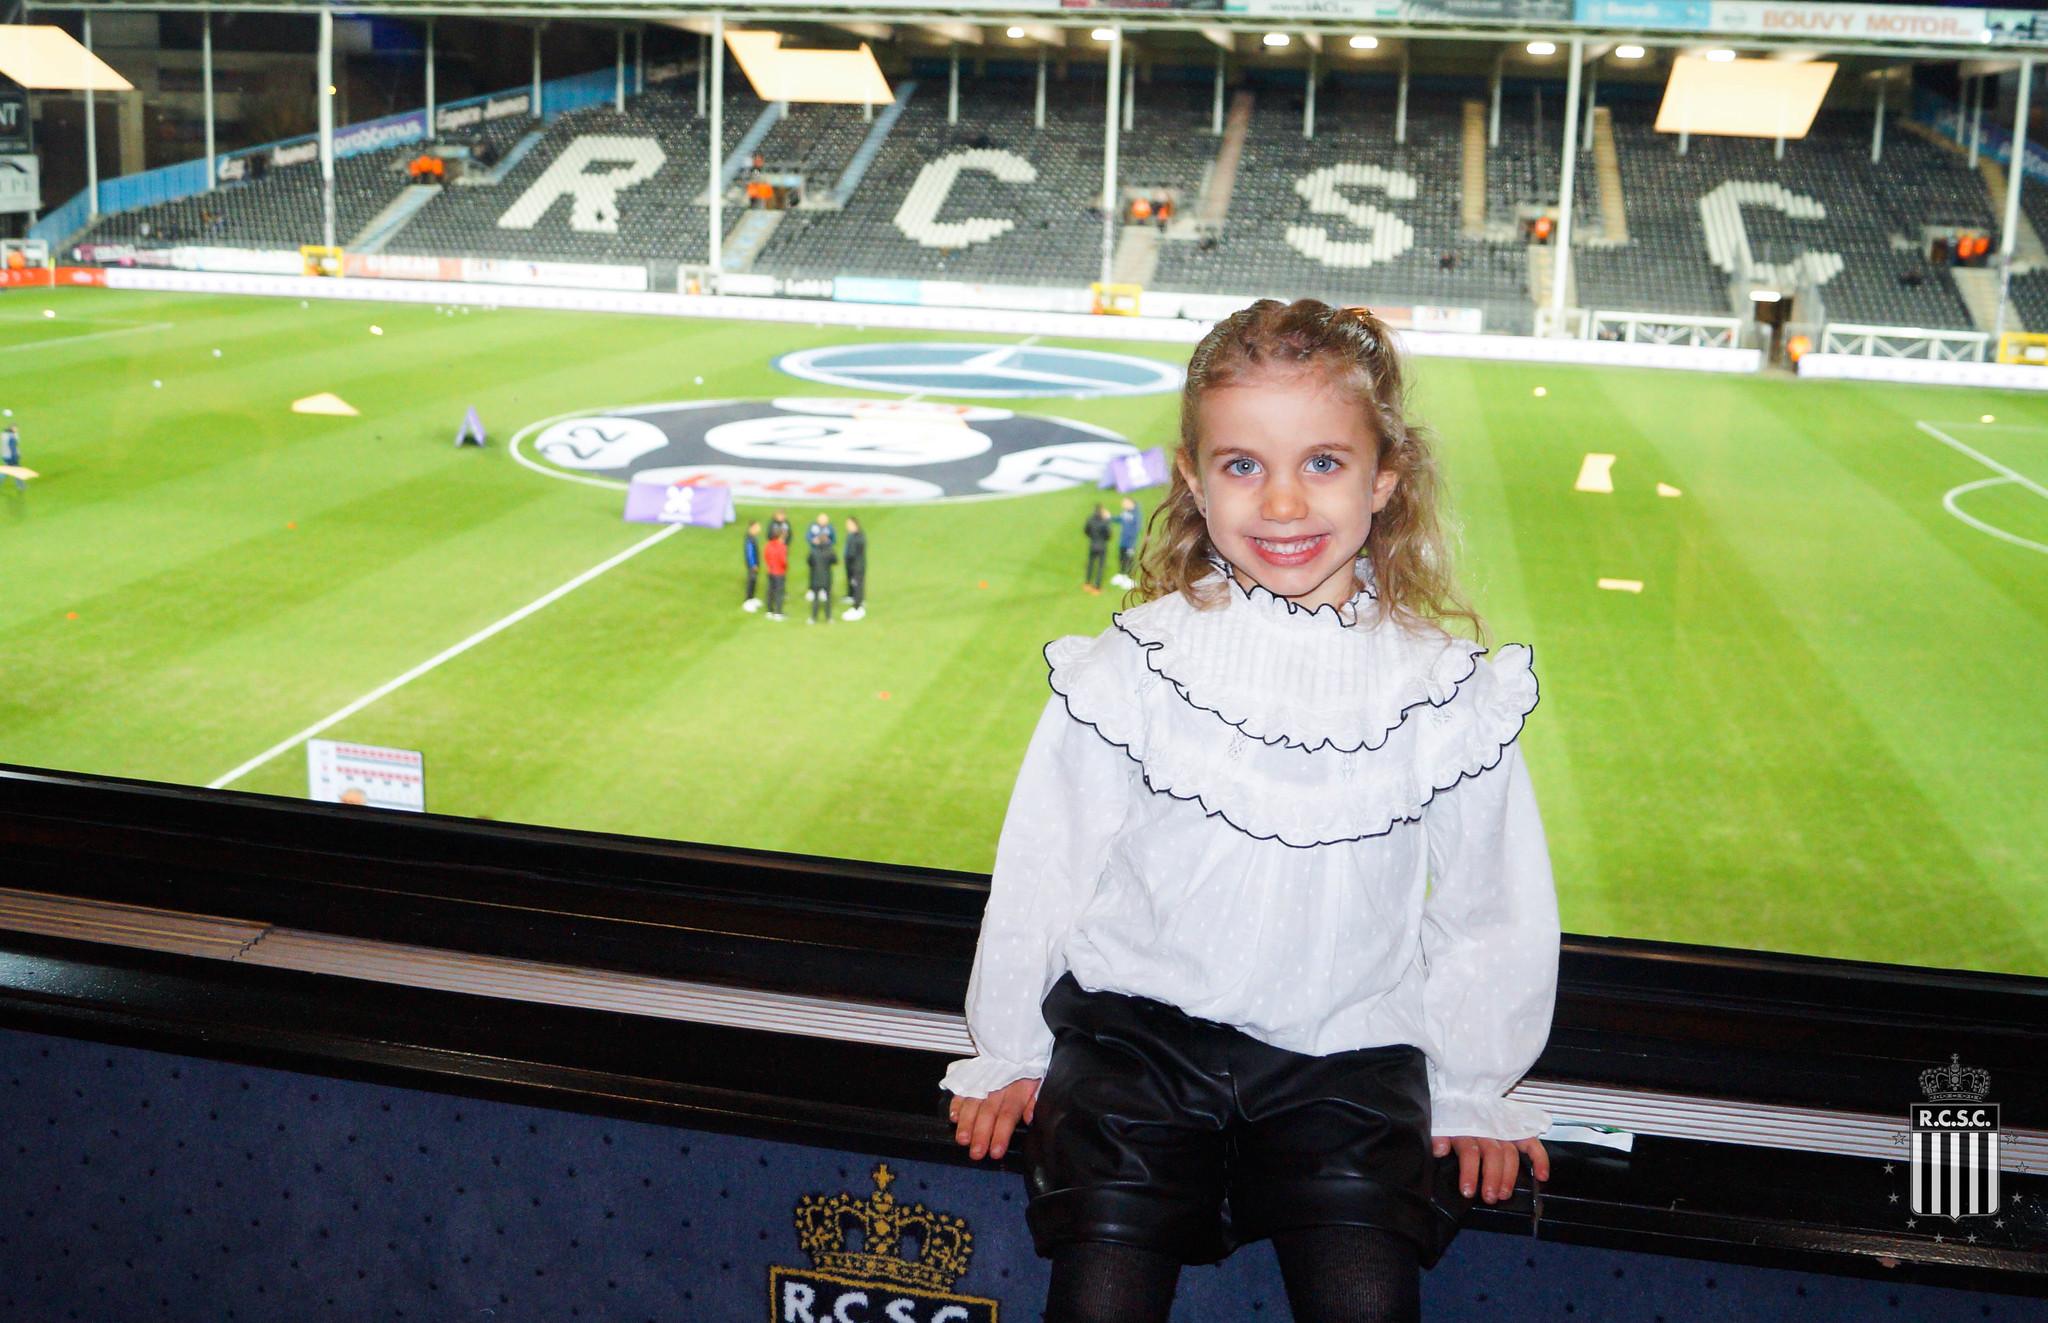 Sporting de Charleroi 0 - 0 Club de Bruges (29/01/2020)